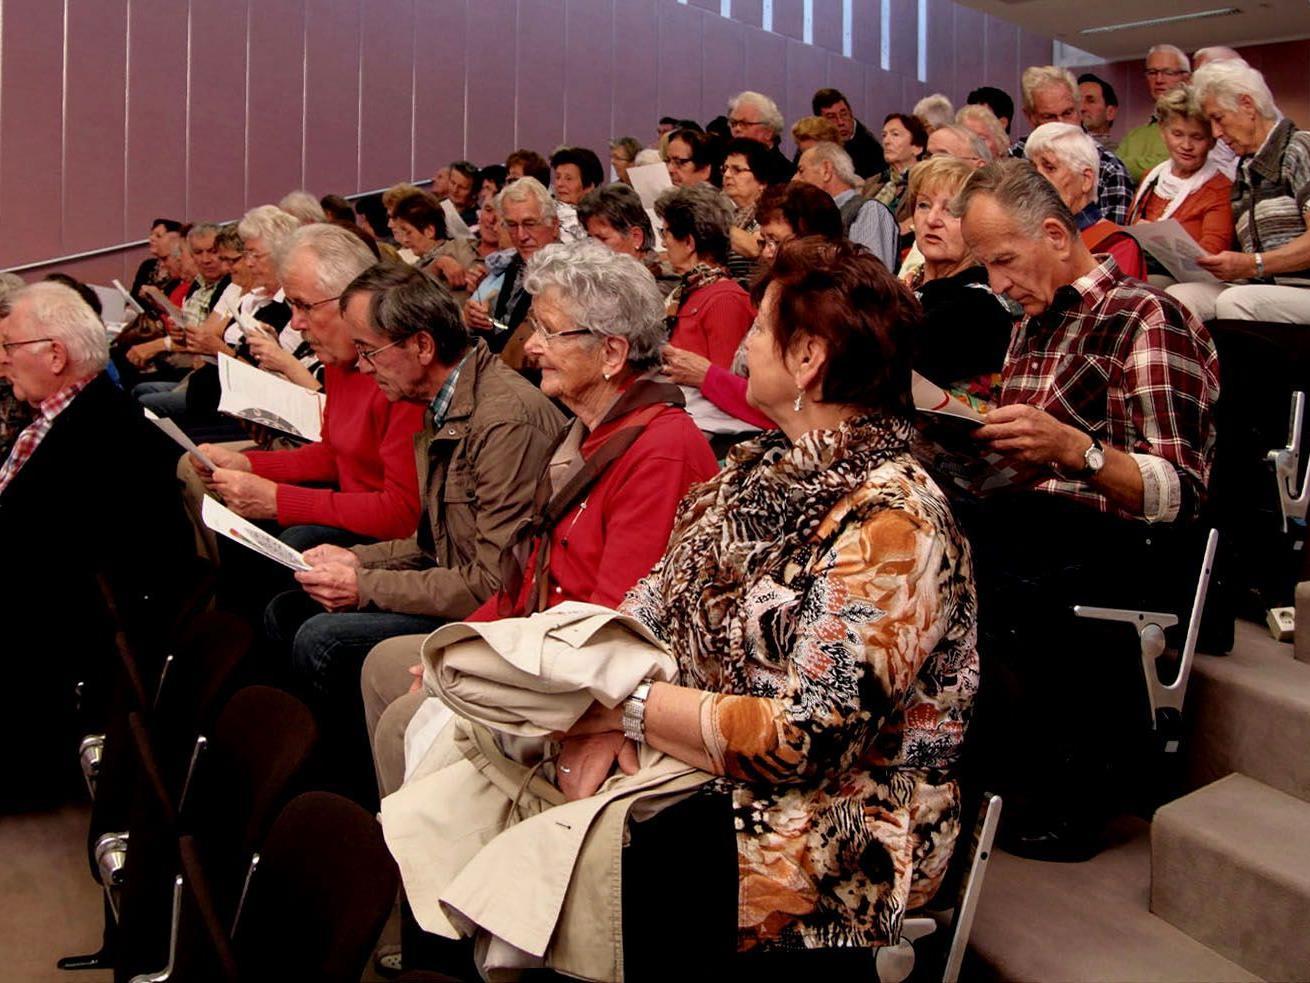 Interessiert lauschte die Gruppe der Versammlung im Landhaus